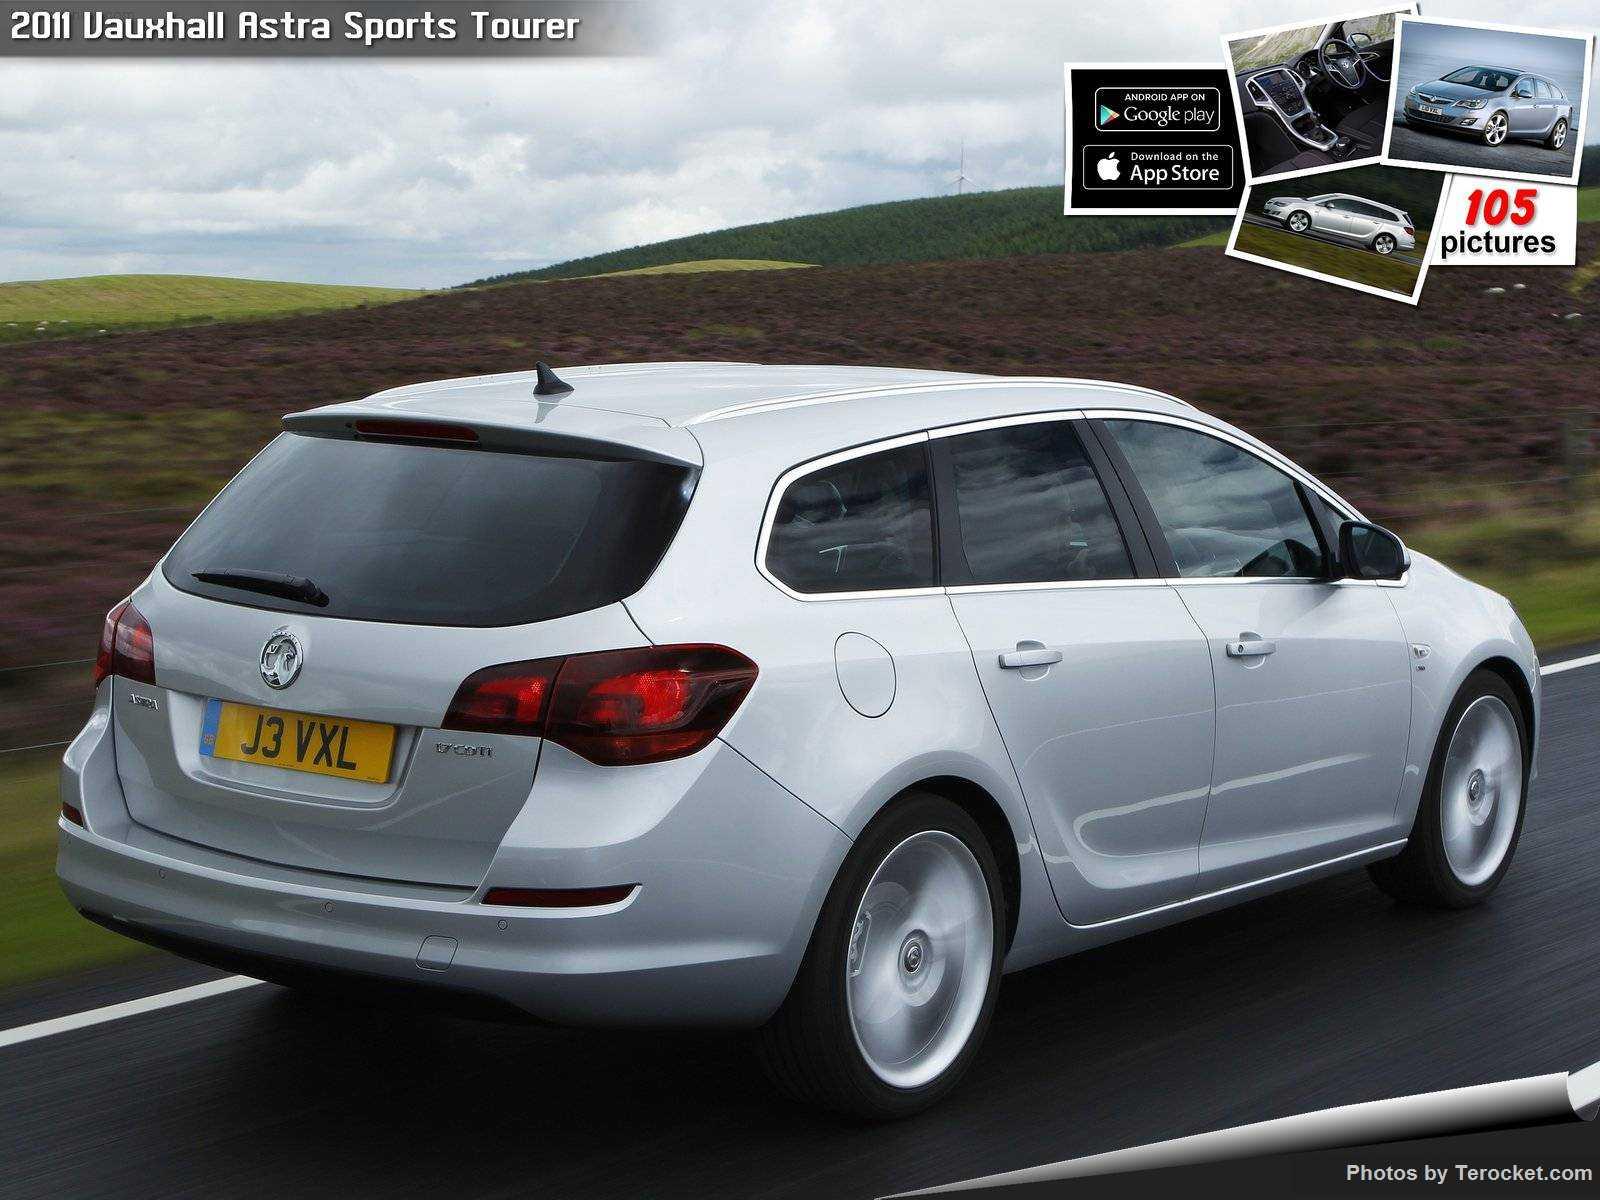 Hình ảnh xe ô tô Vauxhall Astra Sports Tourer 2011 & nội ngoại thất